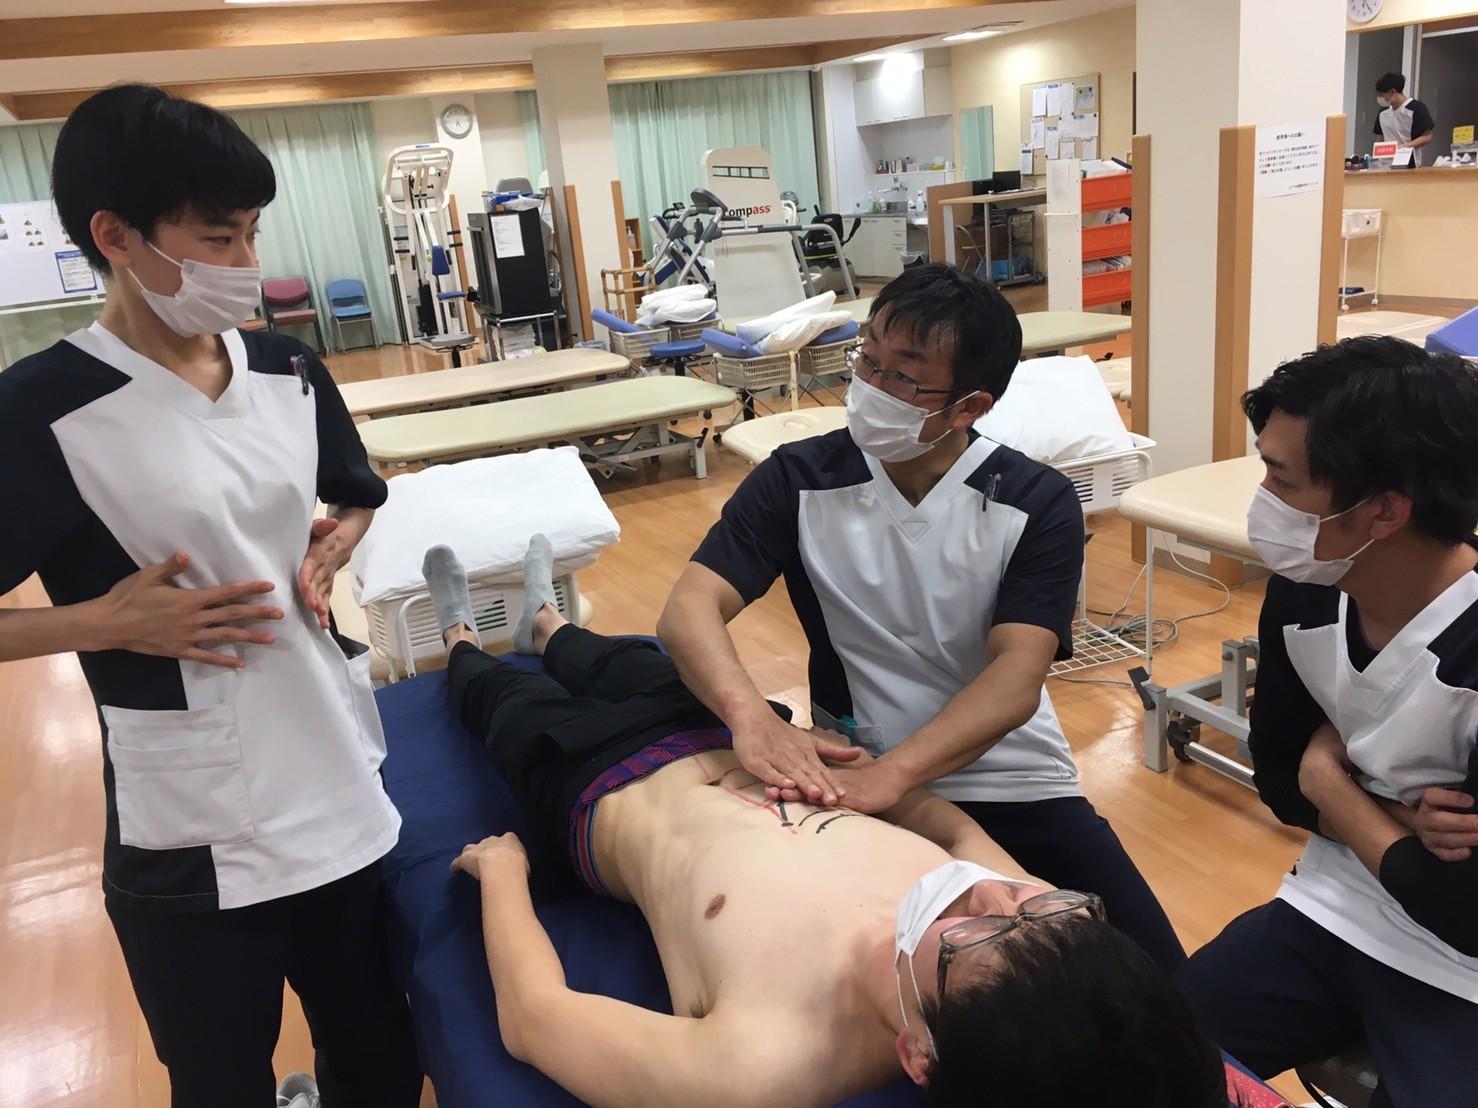 第185回TOC体表解剖勉強会|腹直筋の触察_b0329026_22504929.jpg